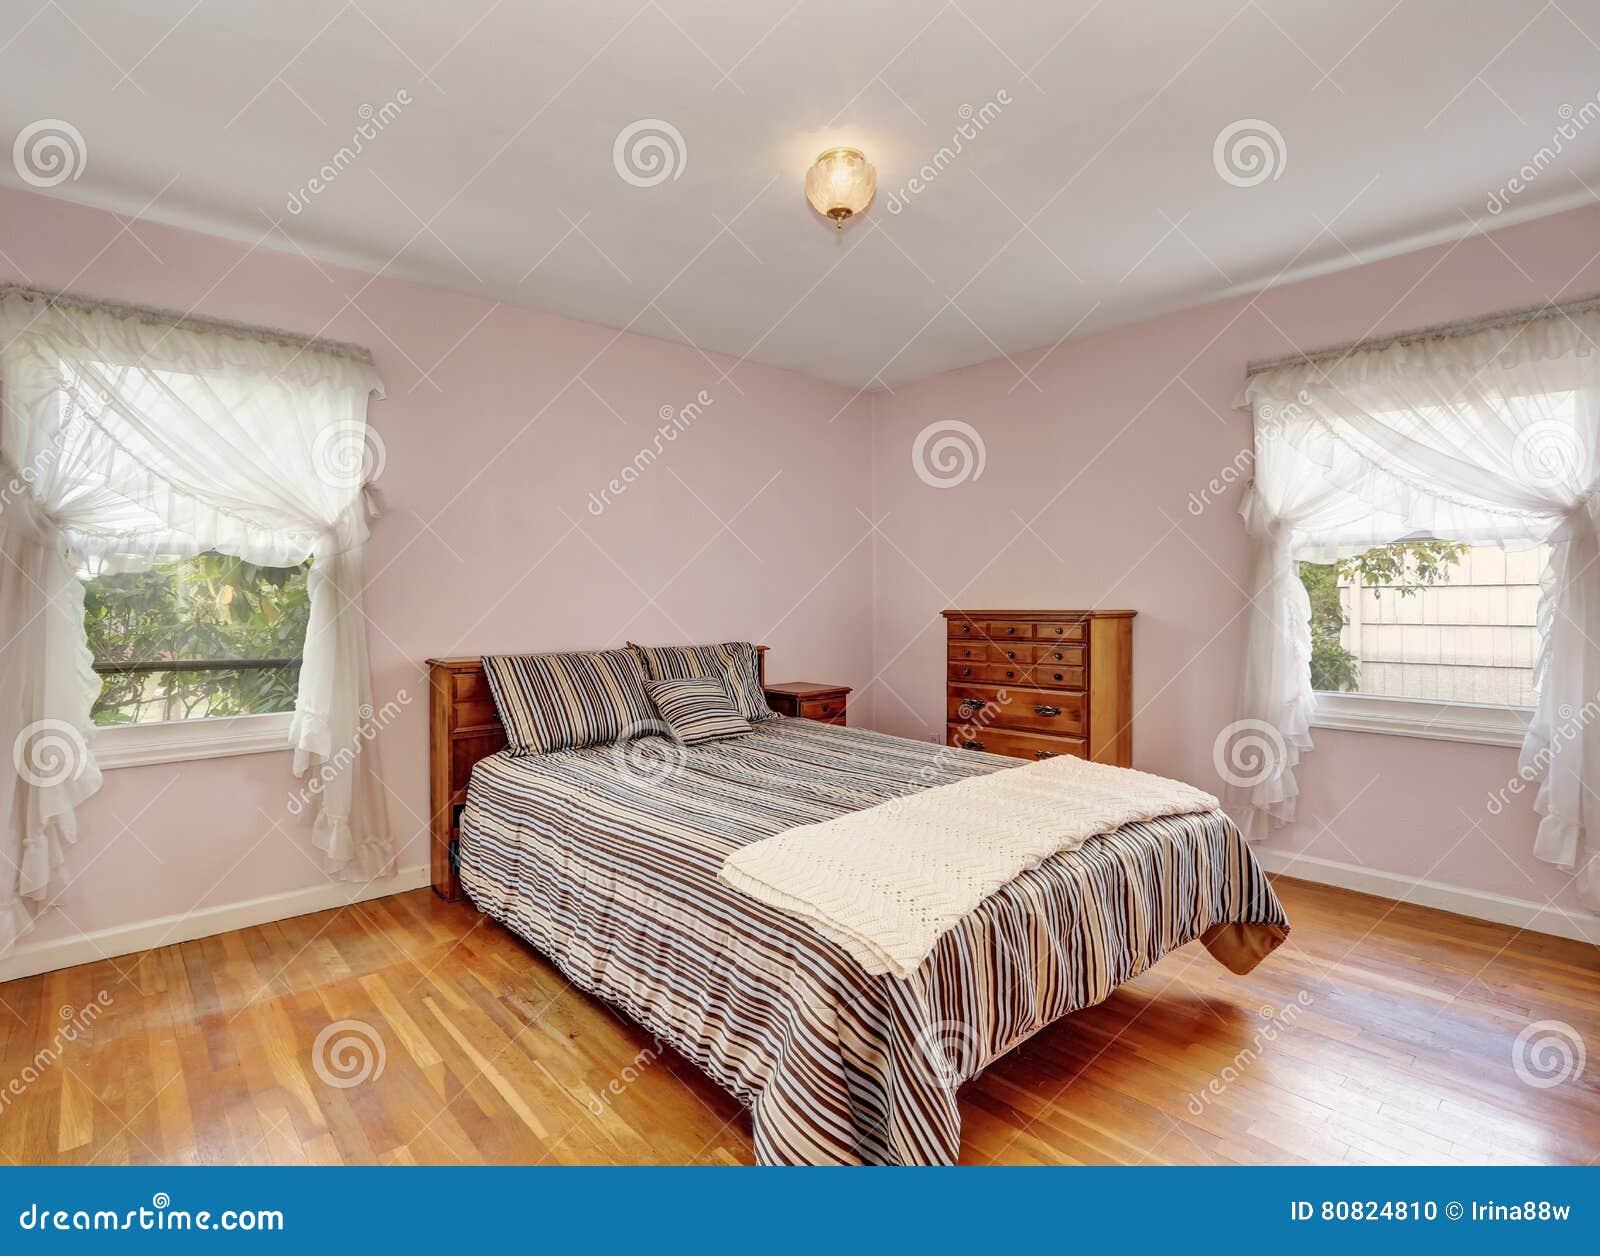 Pareti Rosa Camera Da Letto : Interno della camera da letto con il pavimento di legno duro e le